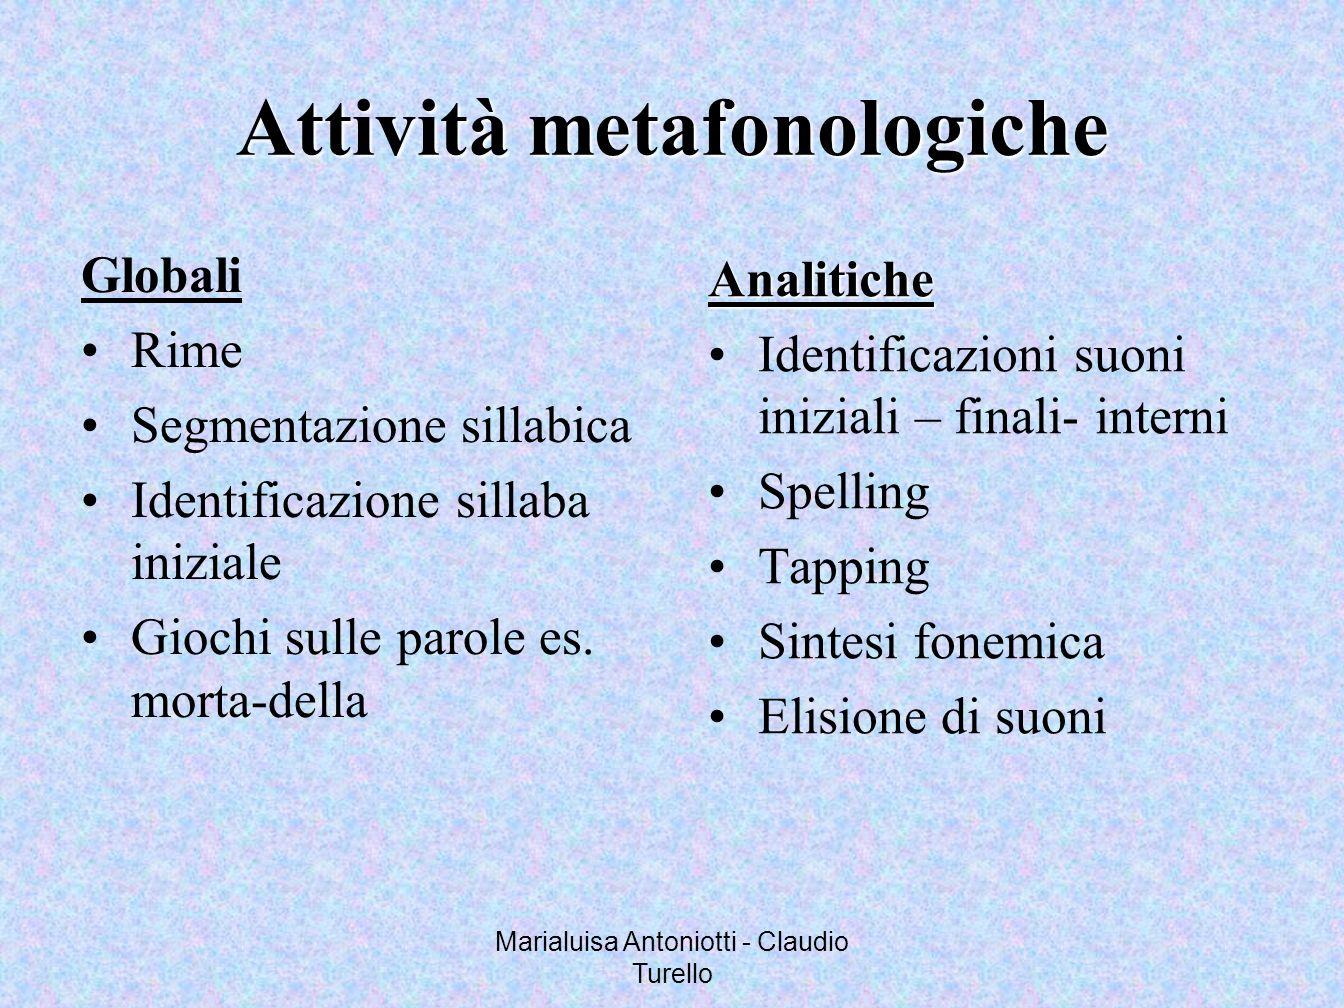 Attività metafonologiche